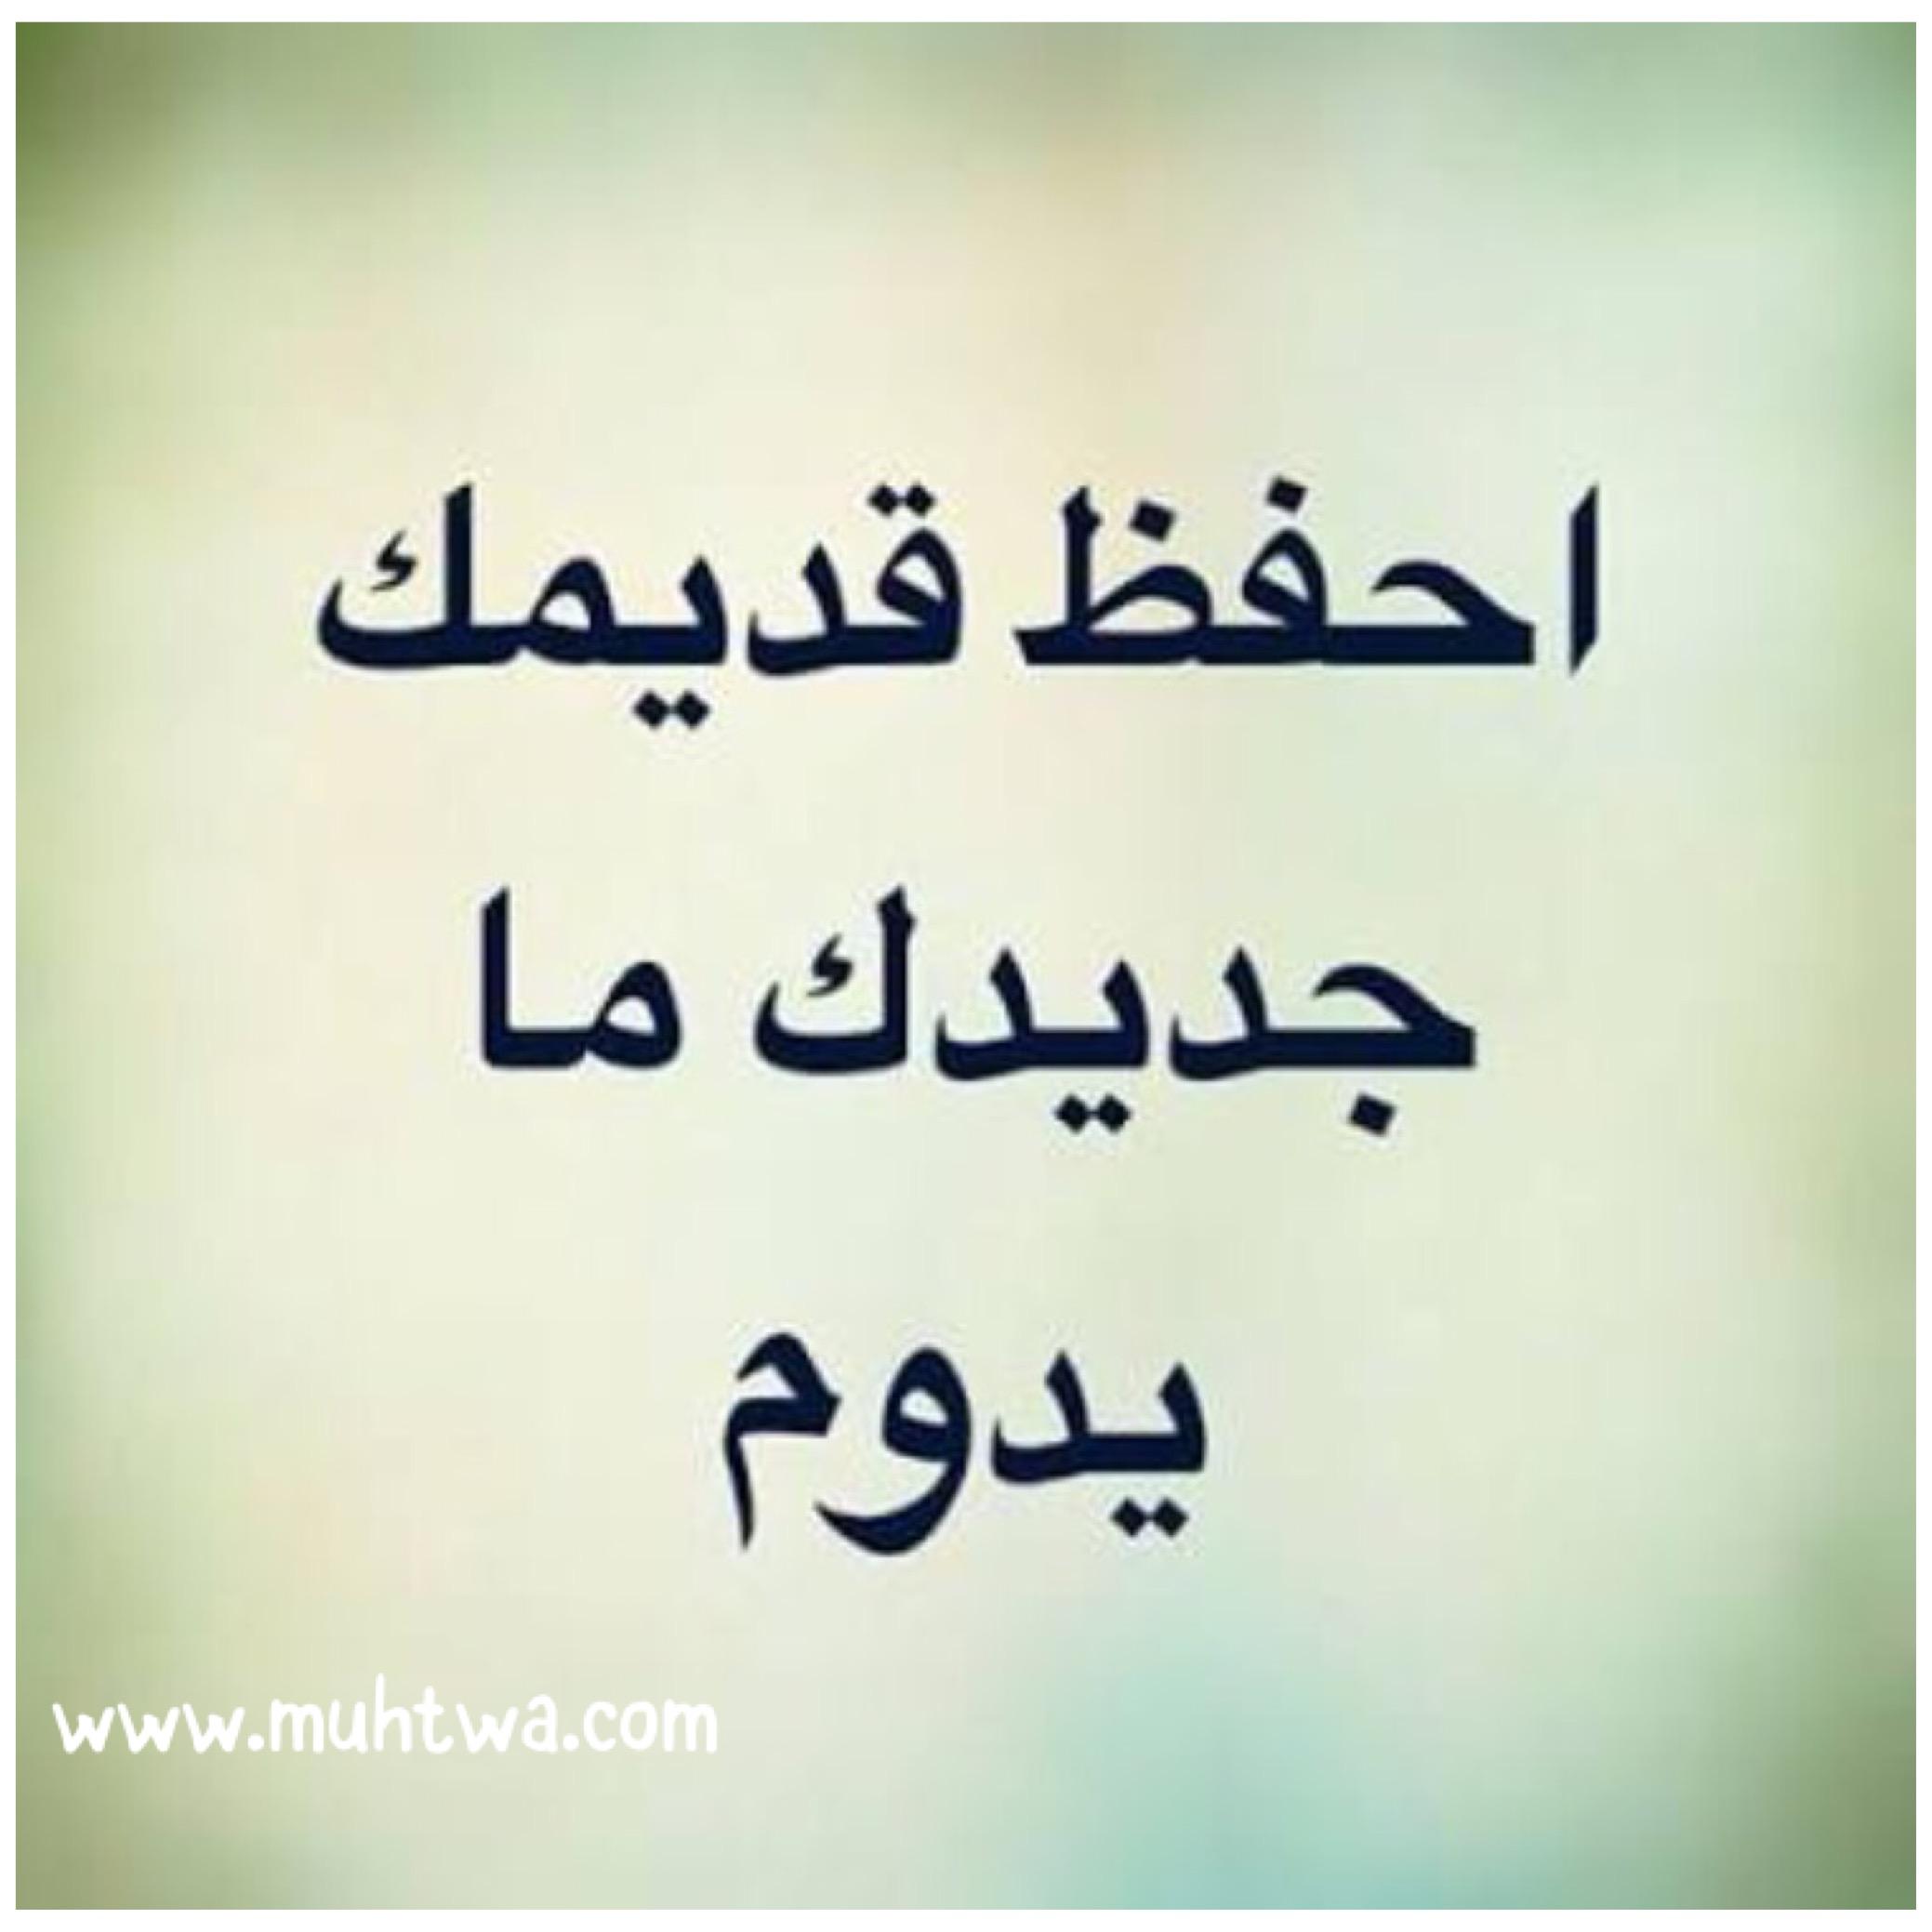 صوره حكم وامثال شعبيه , افضل الحكم 2019